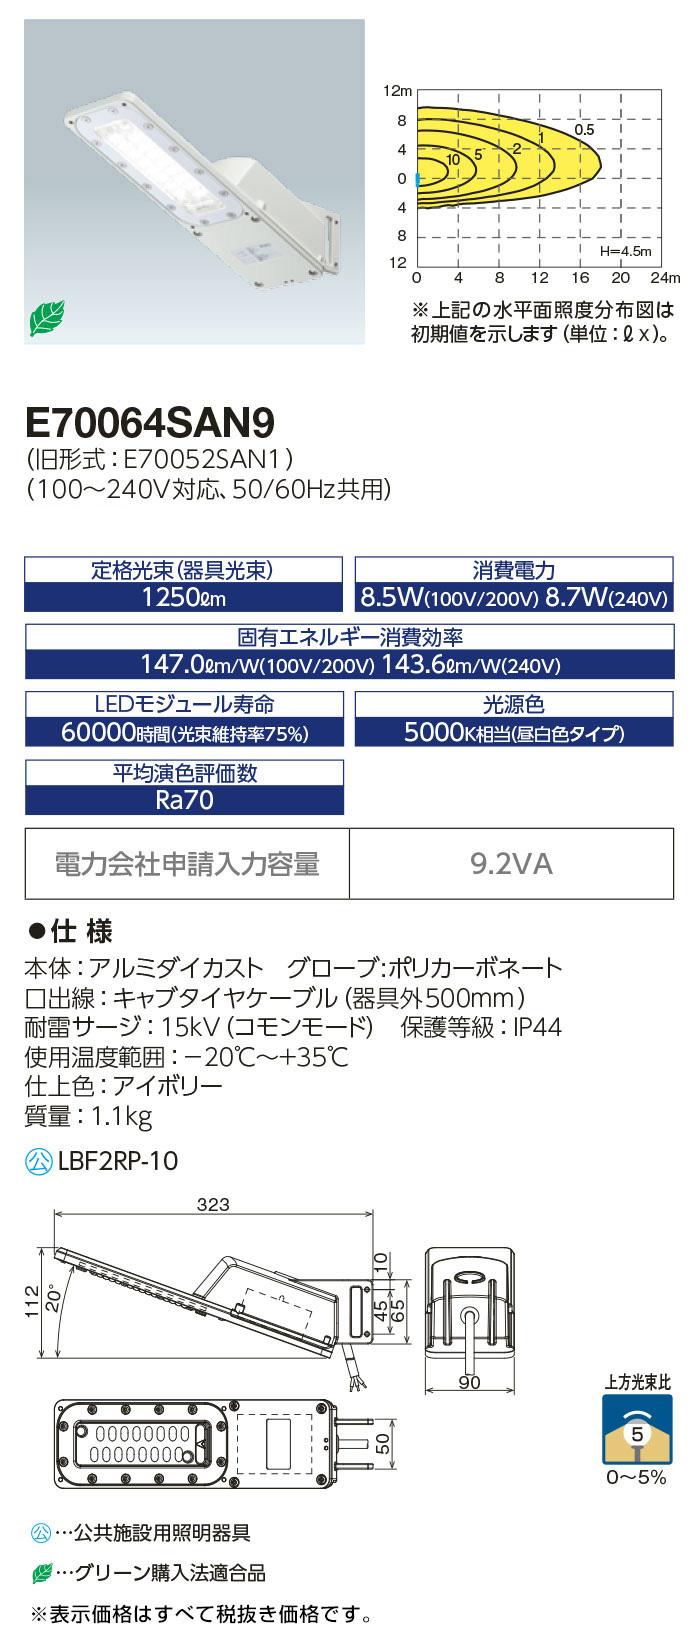 E70064SAN9